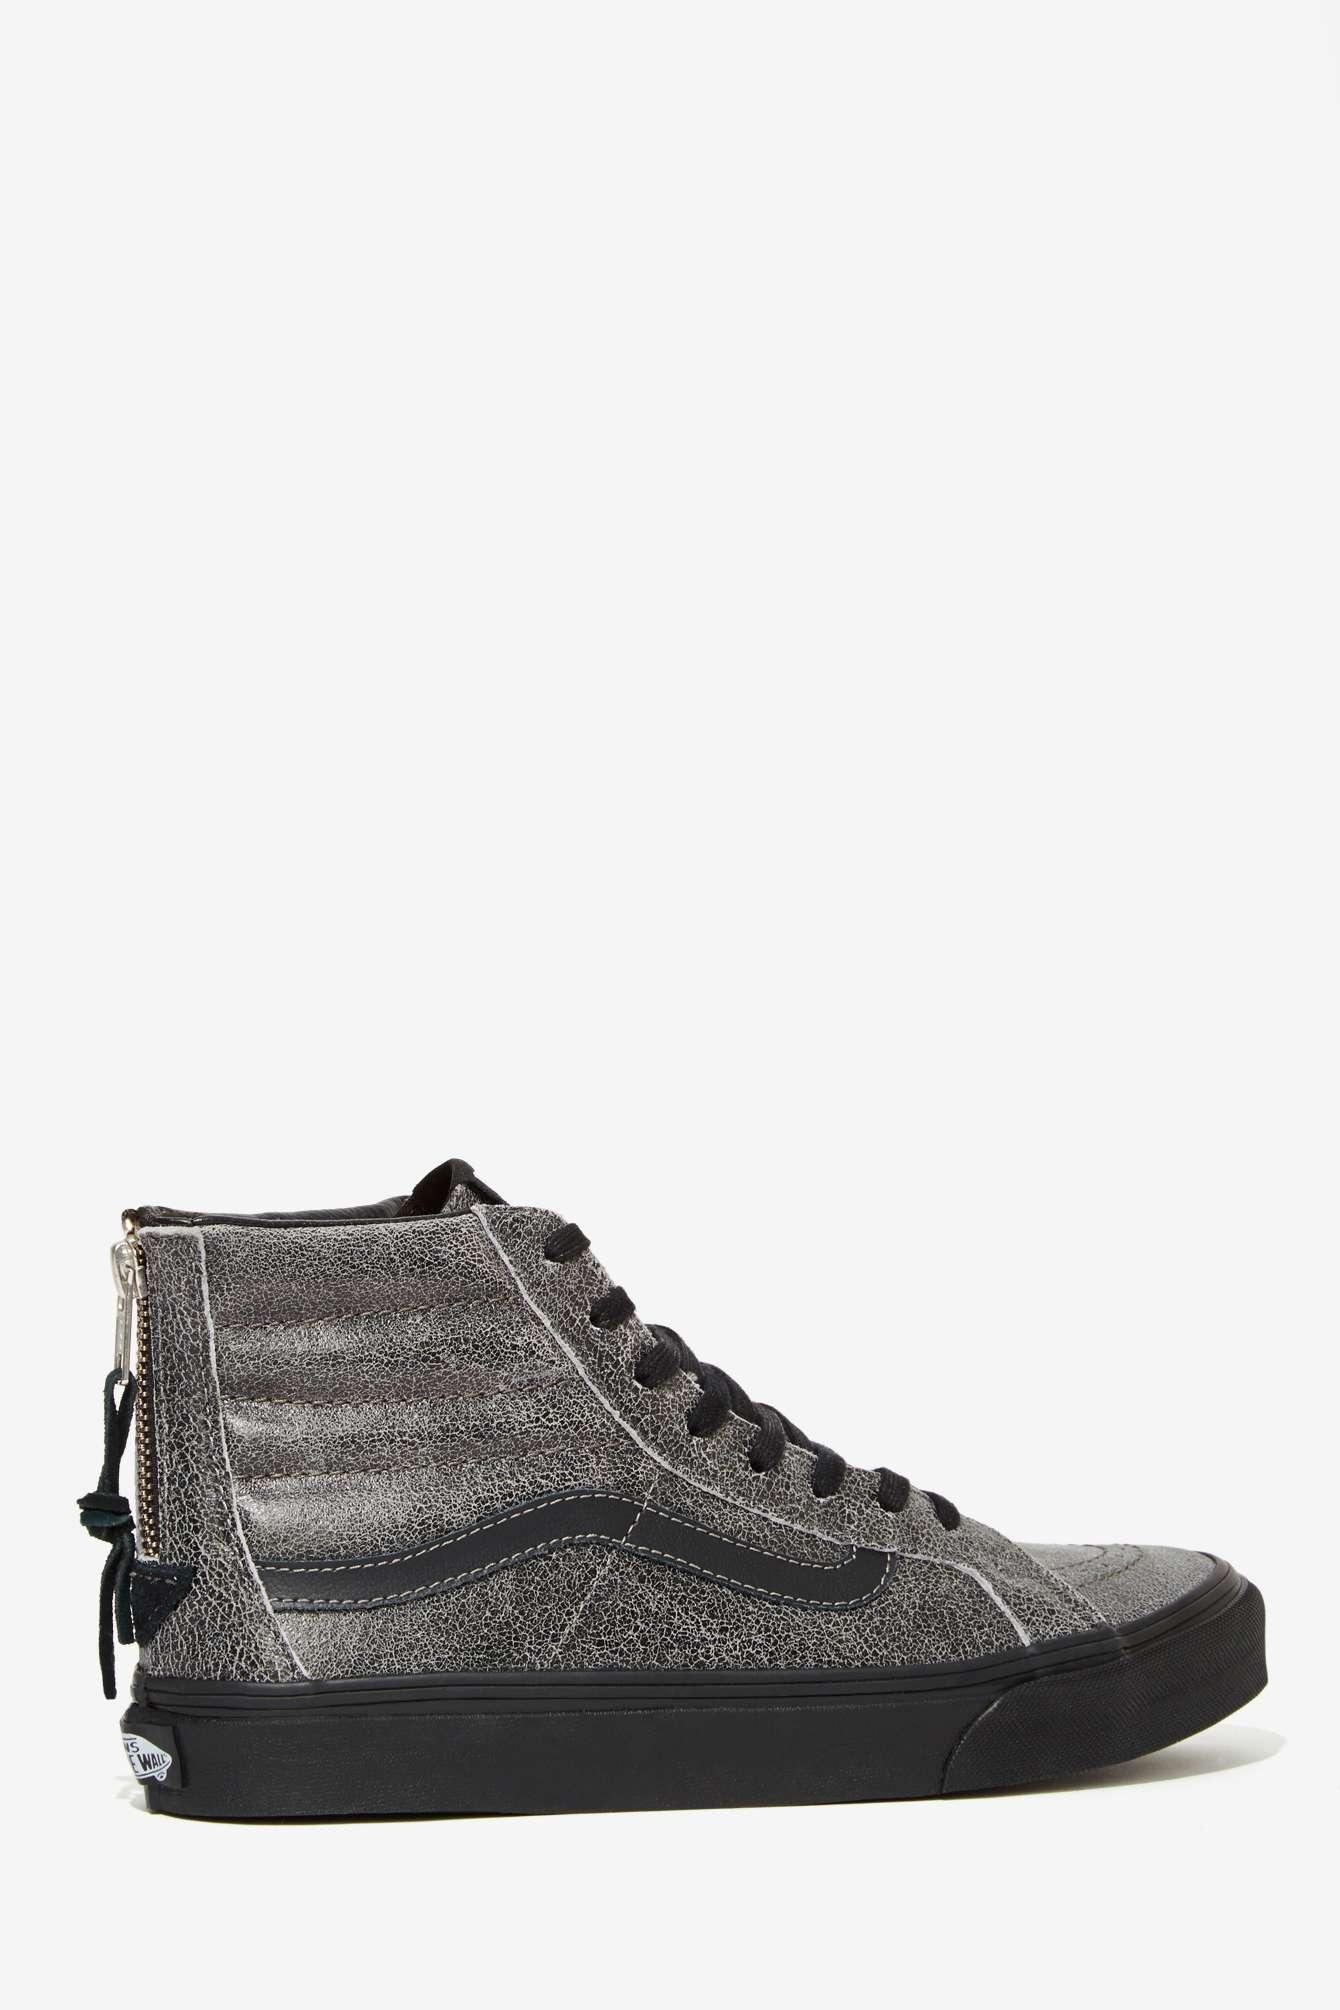 347f5b2db2ad8 Lyst - Vans Sk8-hi Slim Sneaker - Black Crackle Suede in Black